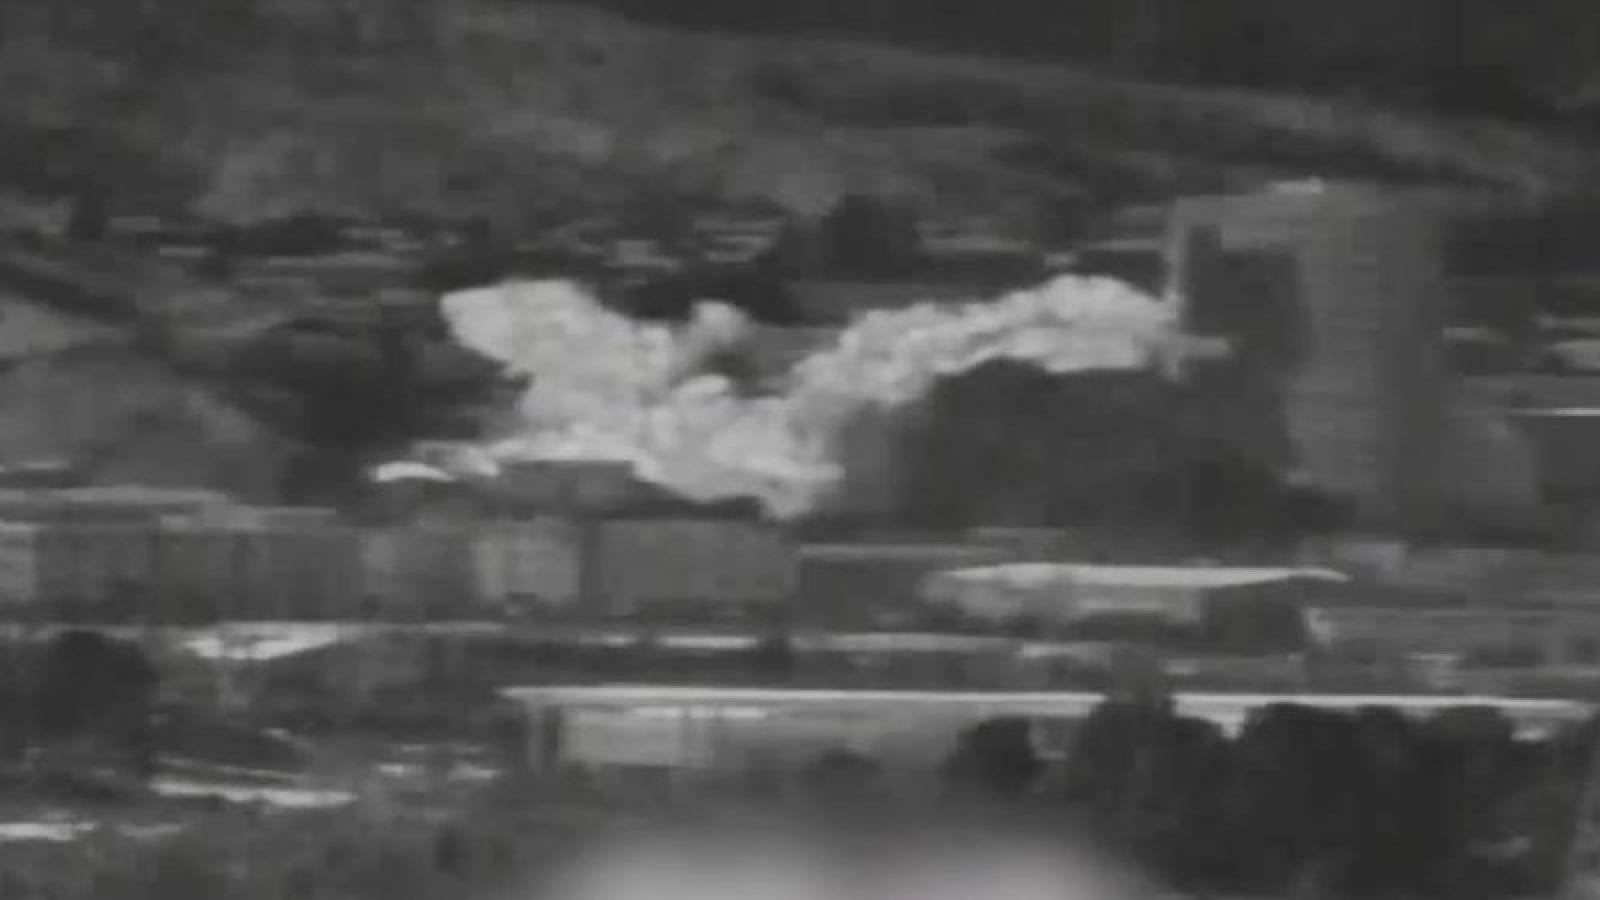 Liên Hợp Quốc và Mỹ lên tiếng về vụ nổ văn phòng liên Triều